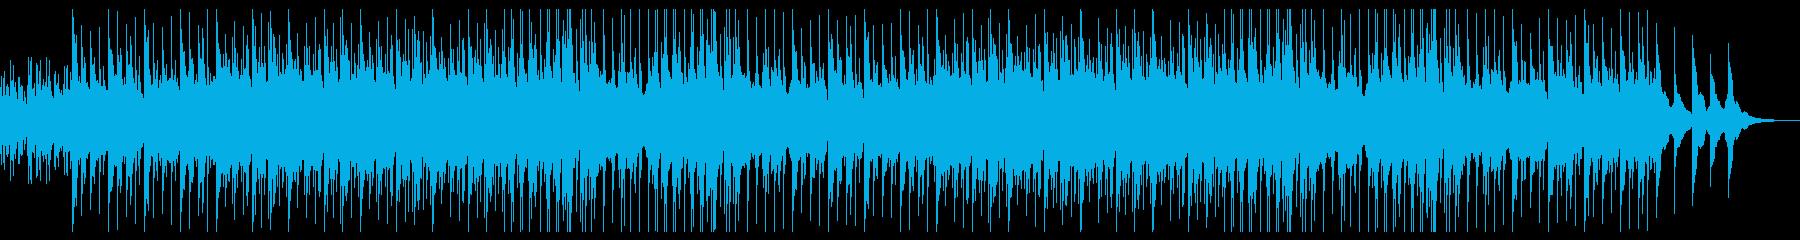 Celestialの再生済みの波形